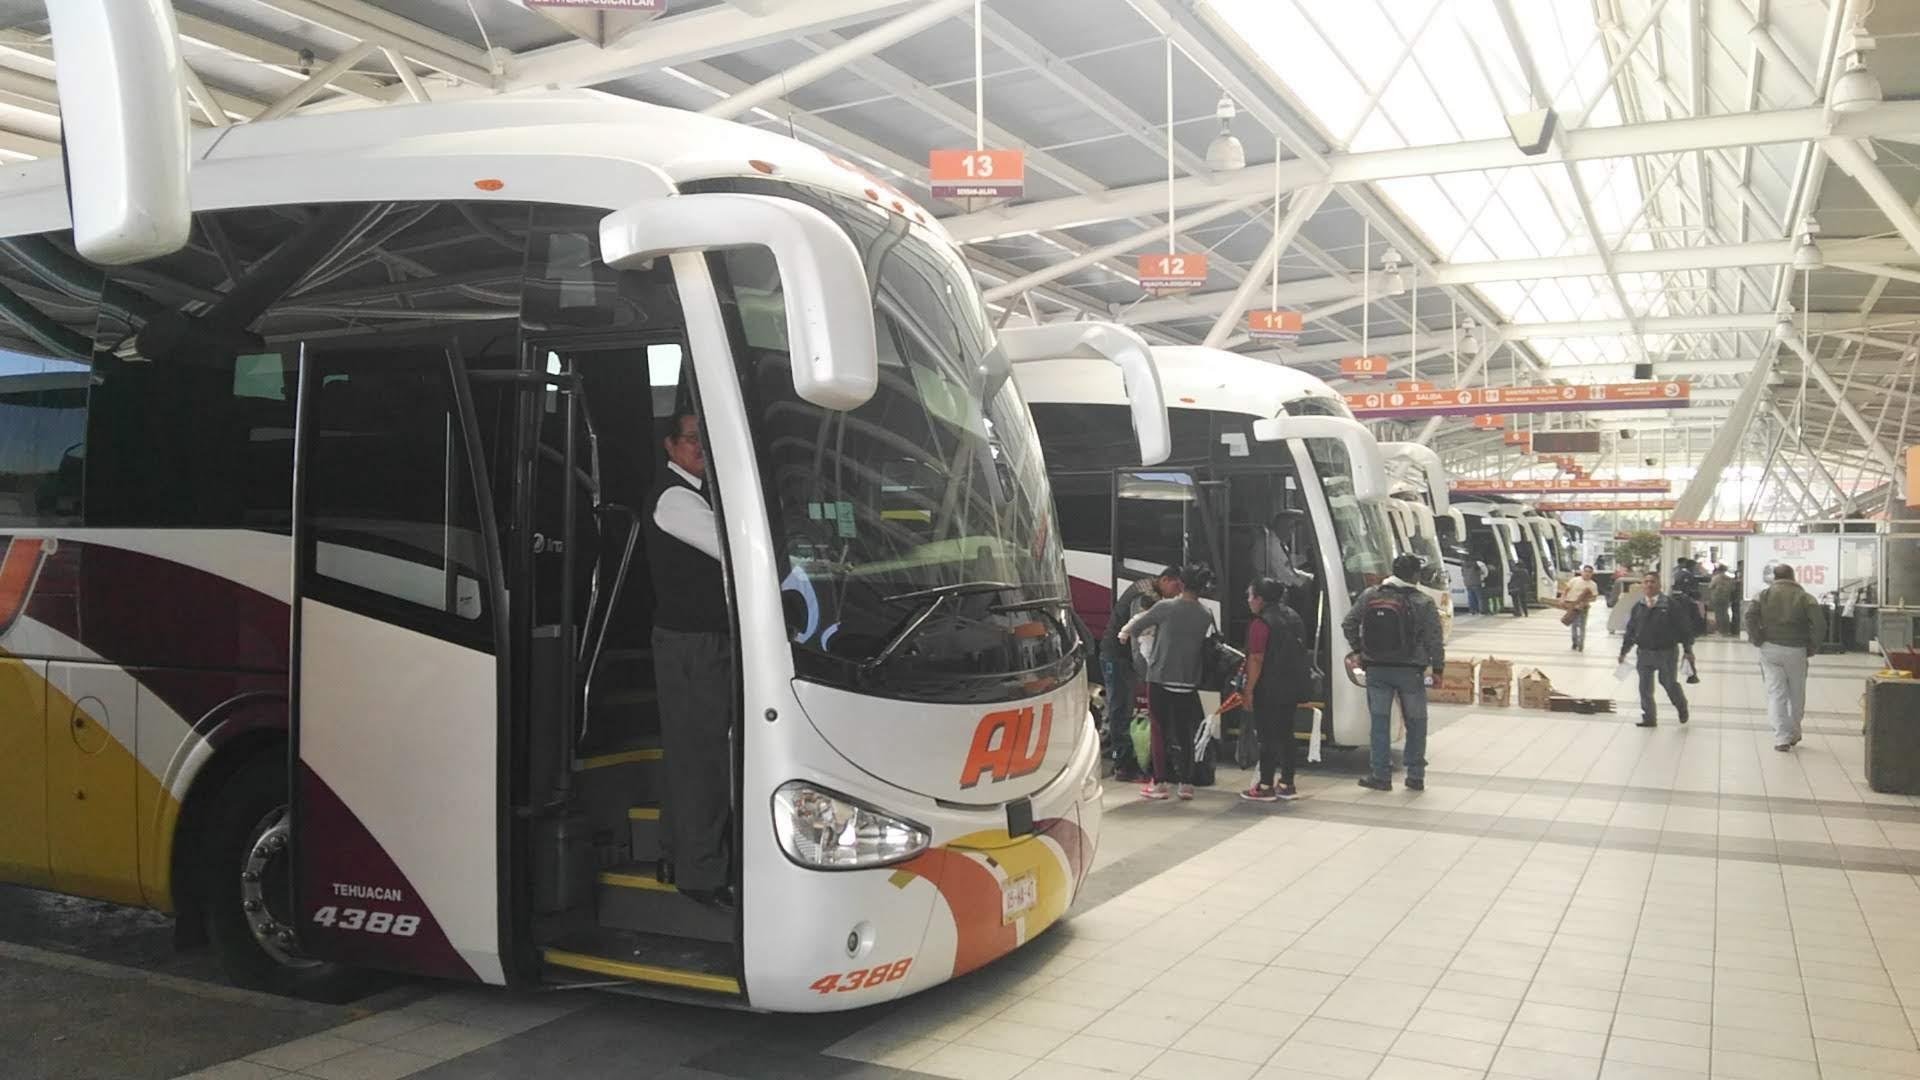 Cancelan corridas de autobuses hasta 75% por Covid-19 en Tehuacán